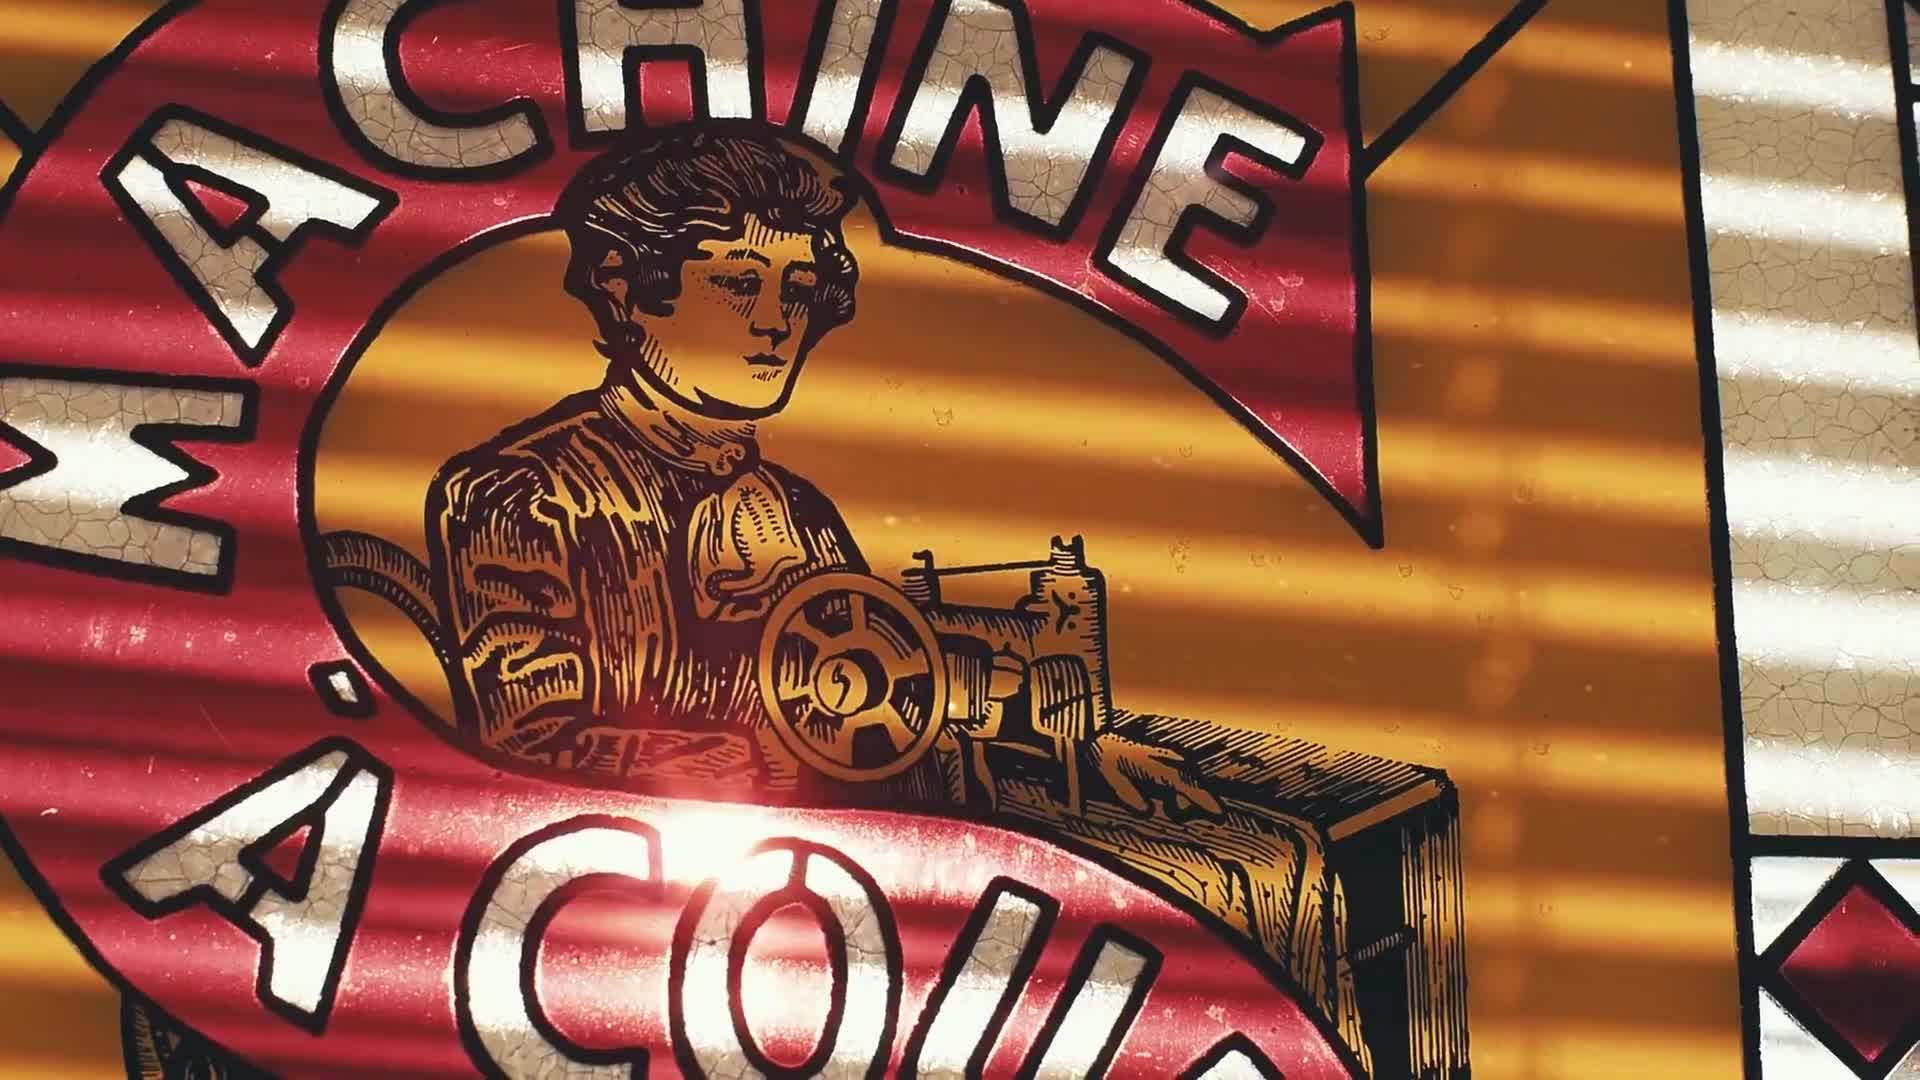 Machine À Coudre Rock Beaudoin - Magasins de machines à coudre et service - 418-623-0713